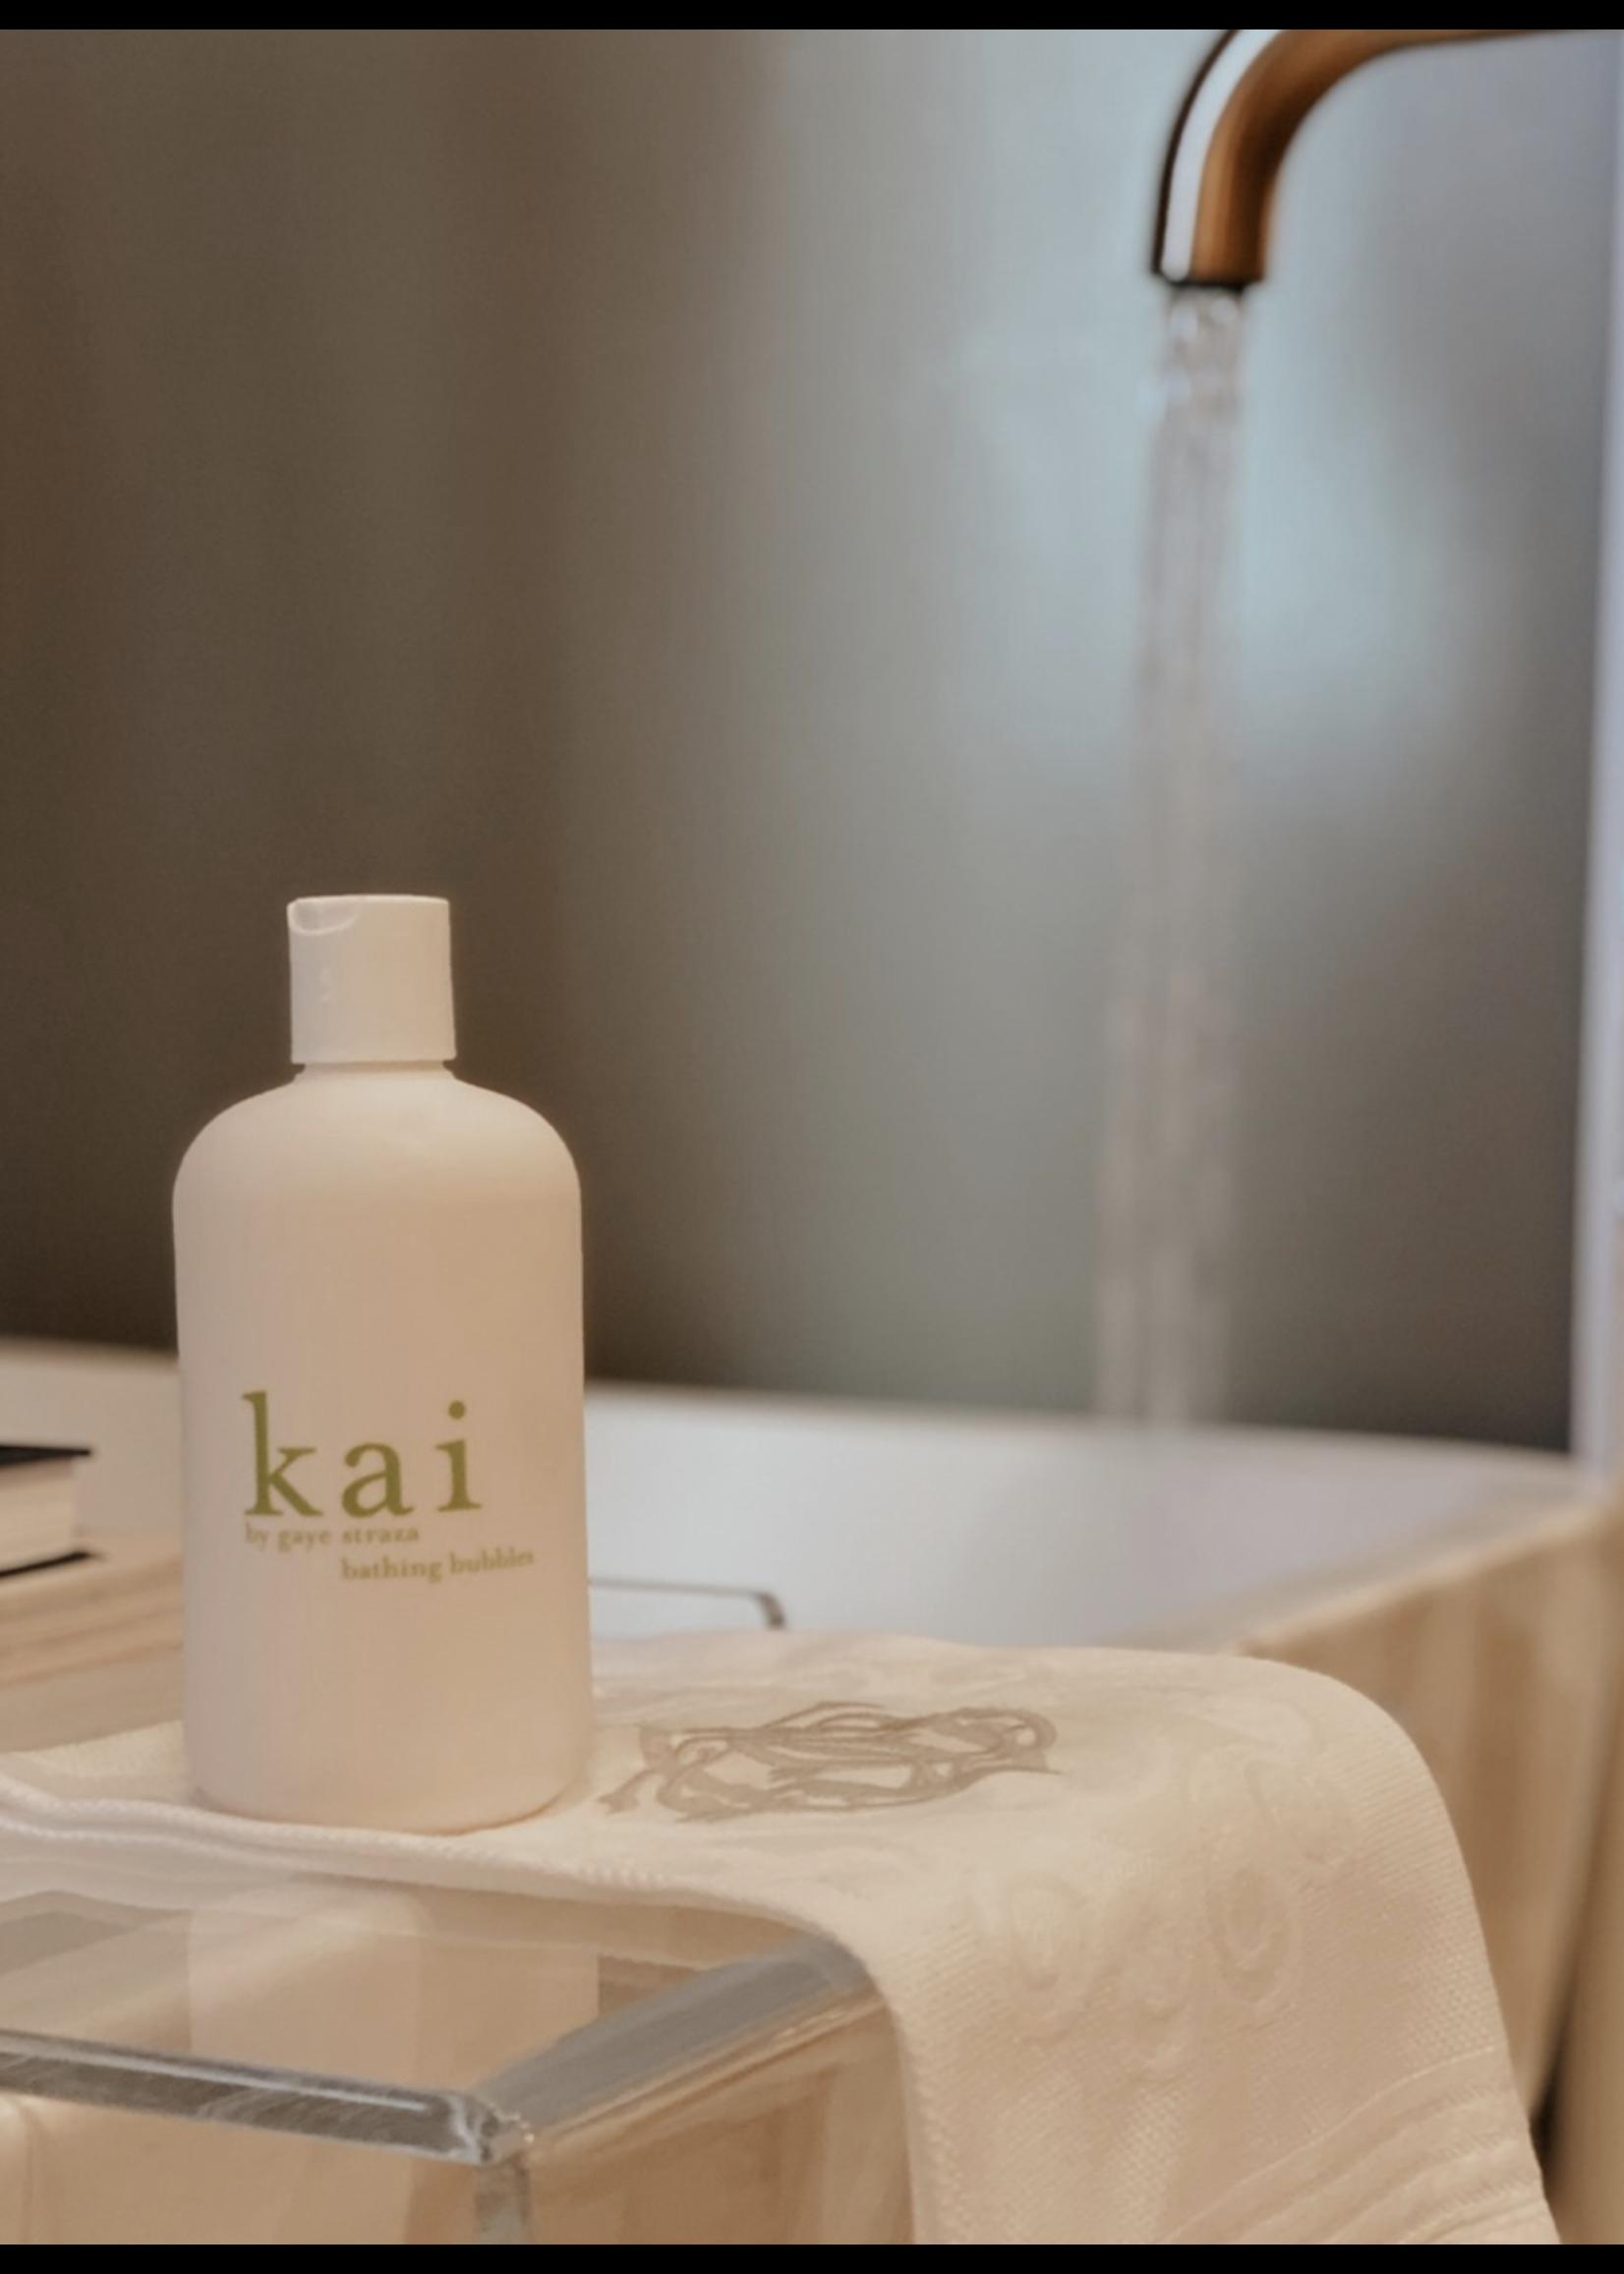 Kai Fragrance Kai Foaming Bathing Bubbles